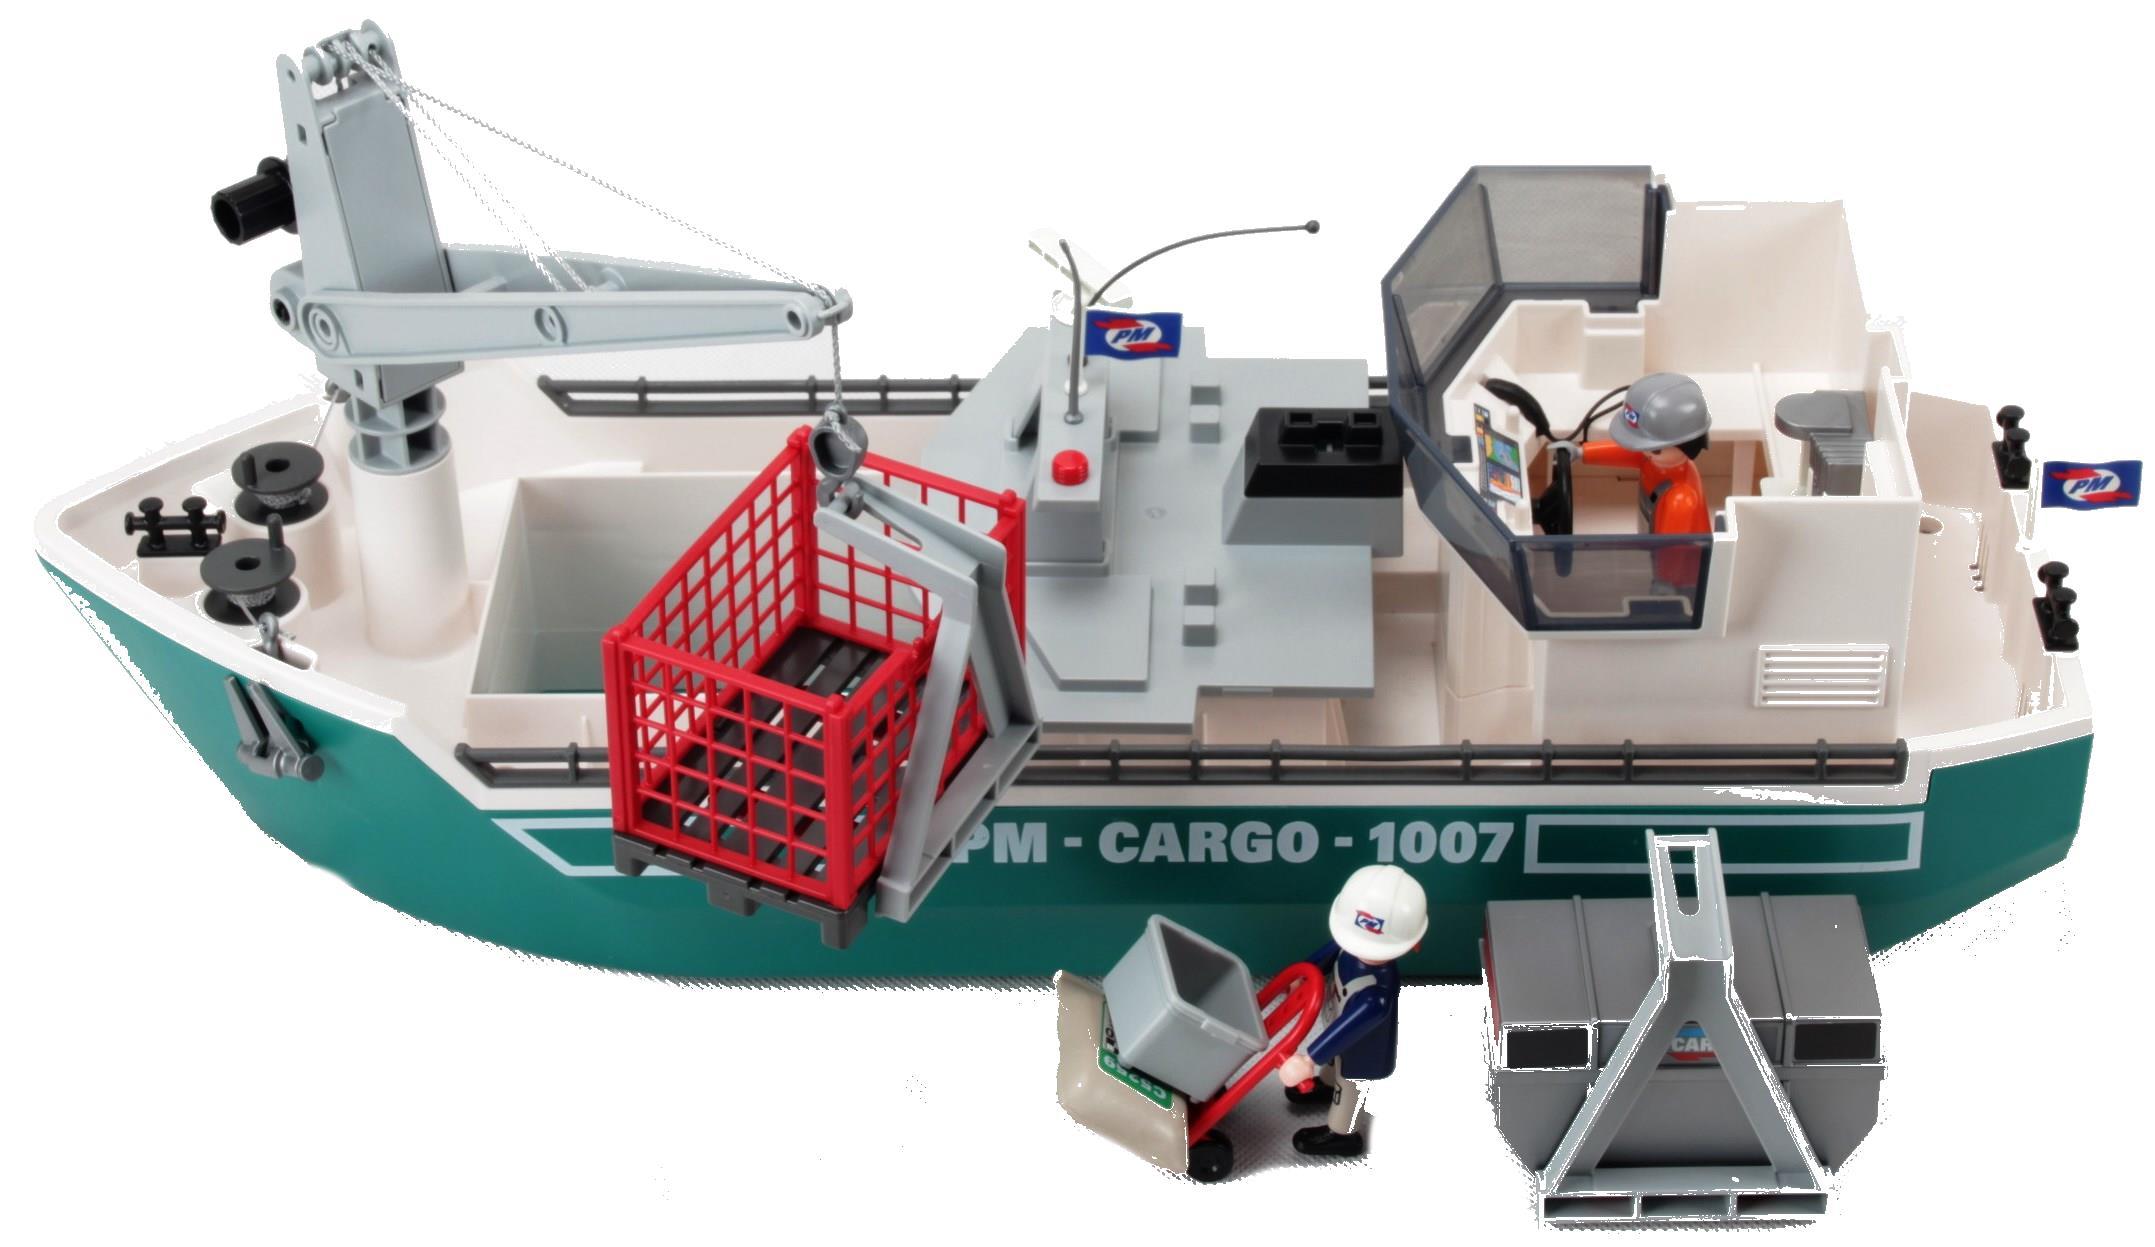 Playmobil - Frachtschiff Mit Verladekran - Decotoys verwandt mit Playmobil Containerschiff